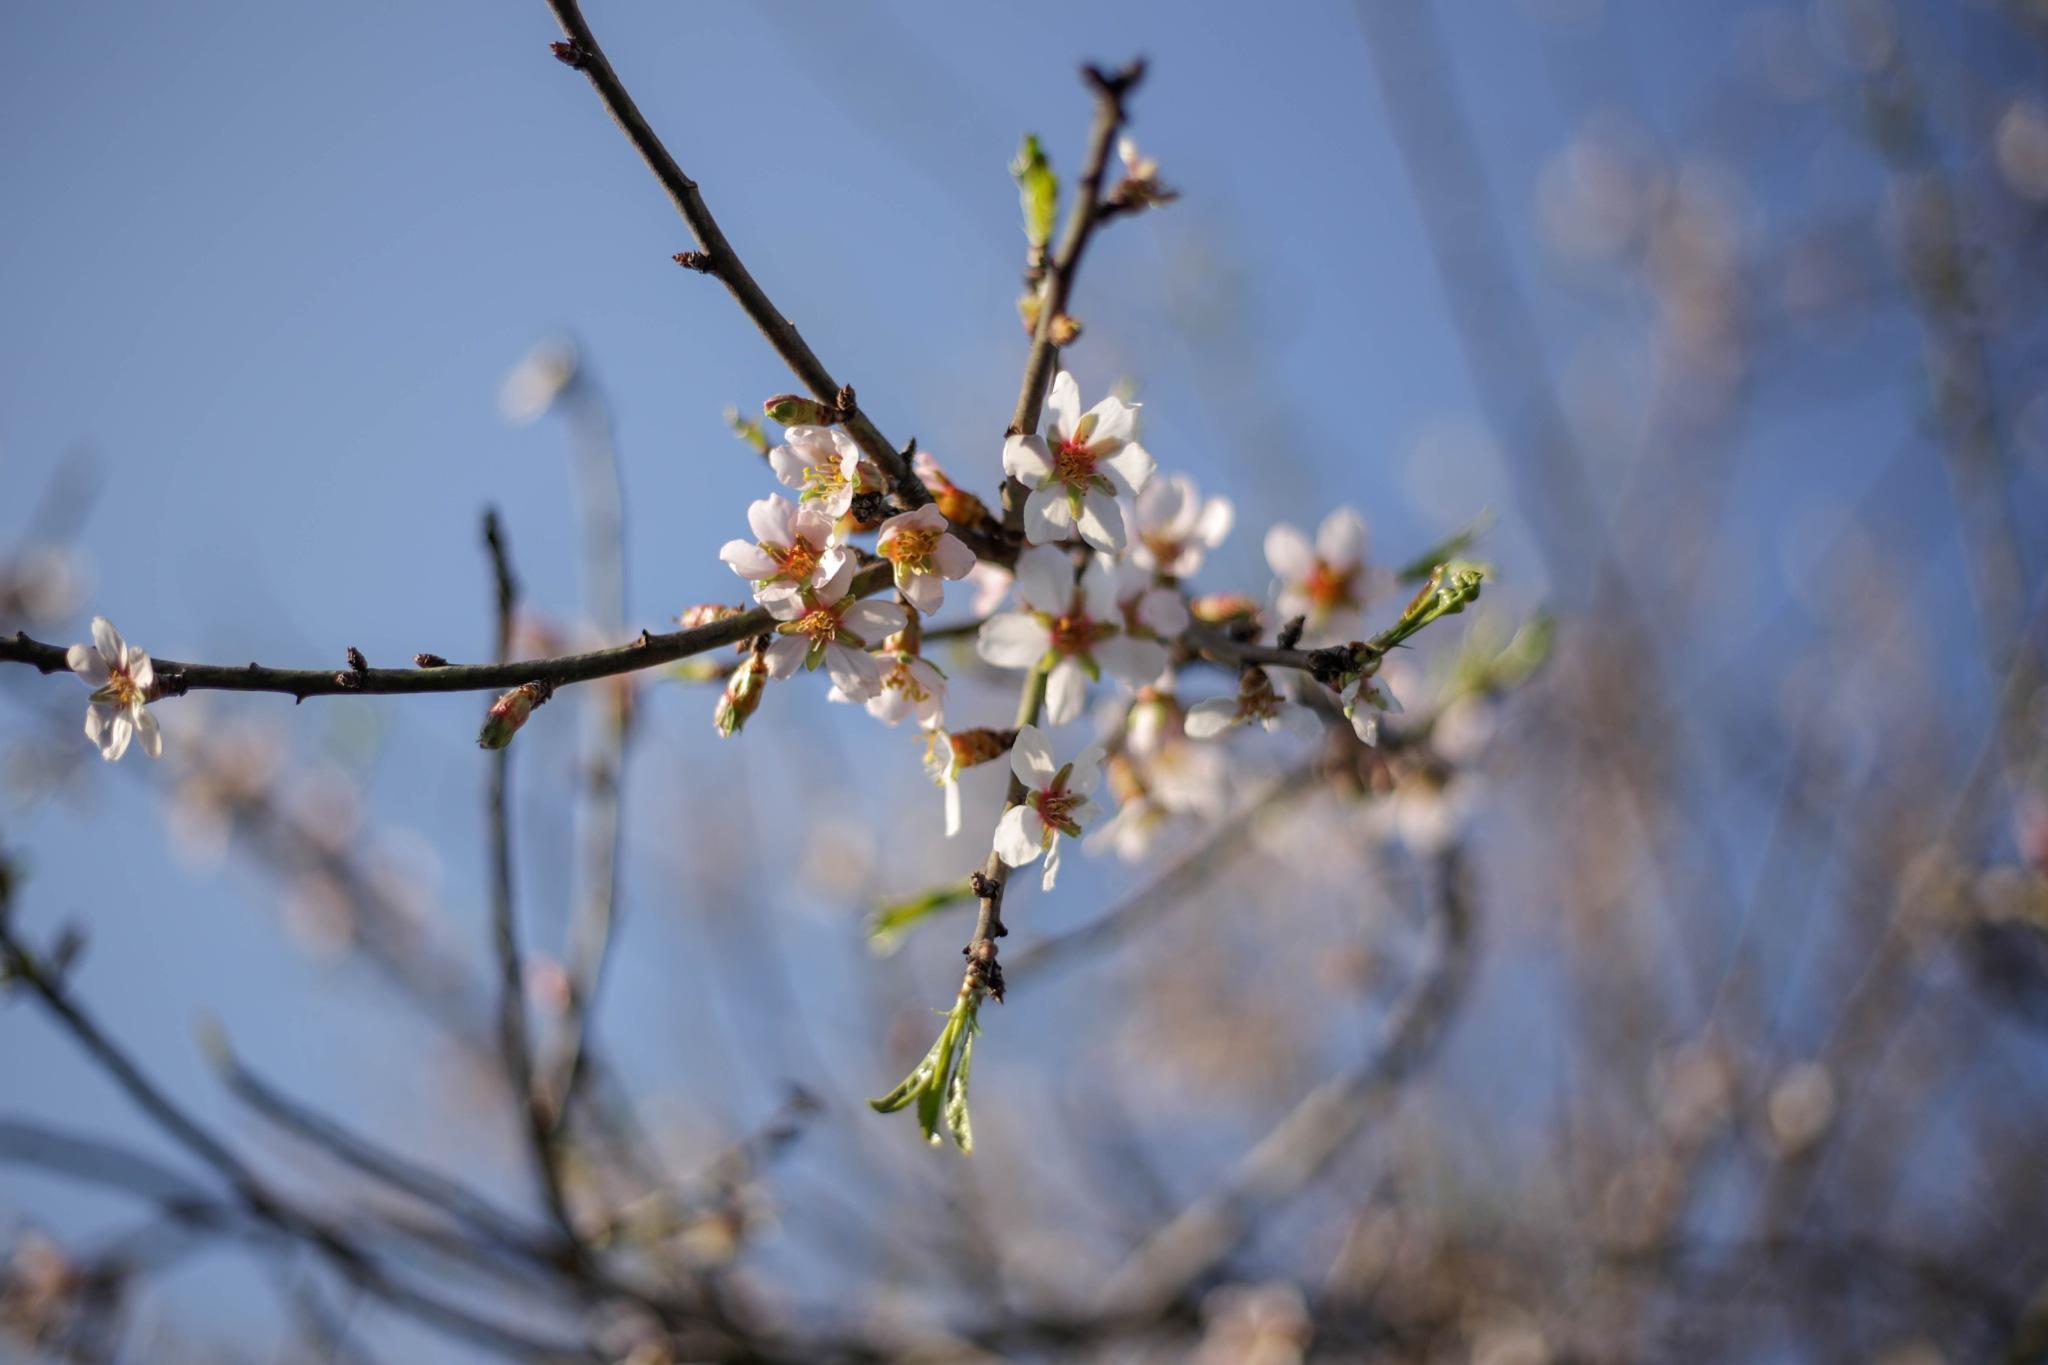 Almond bloom by Szilágyi Szabolcs